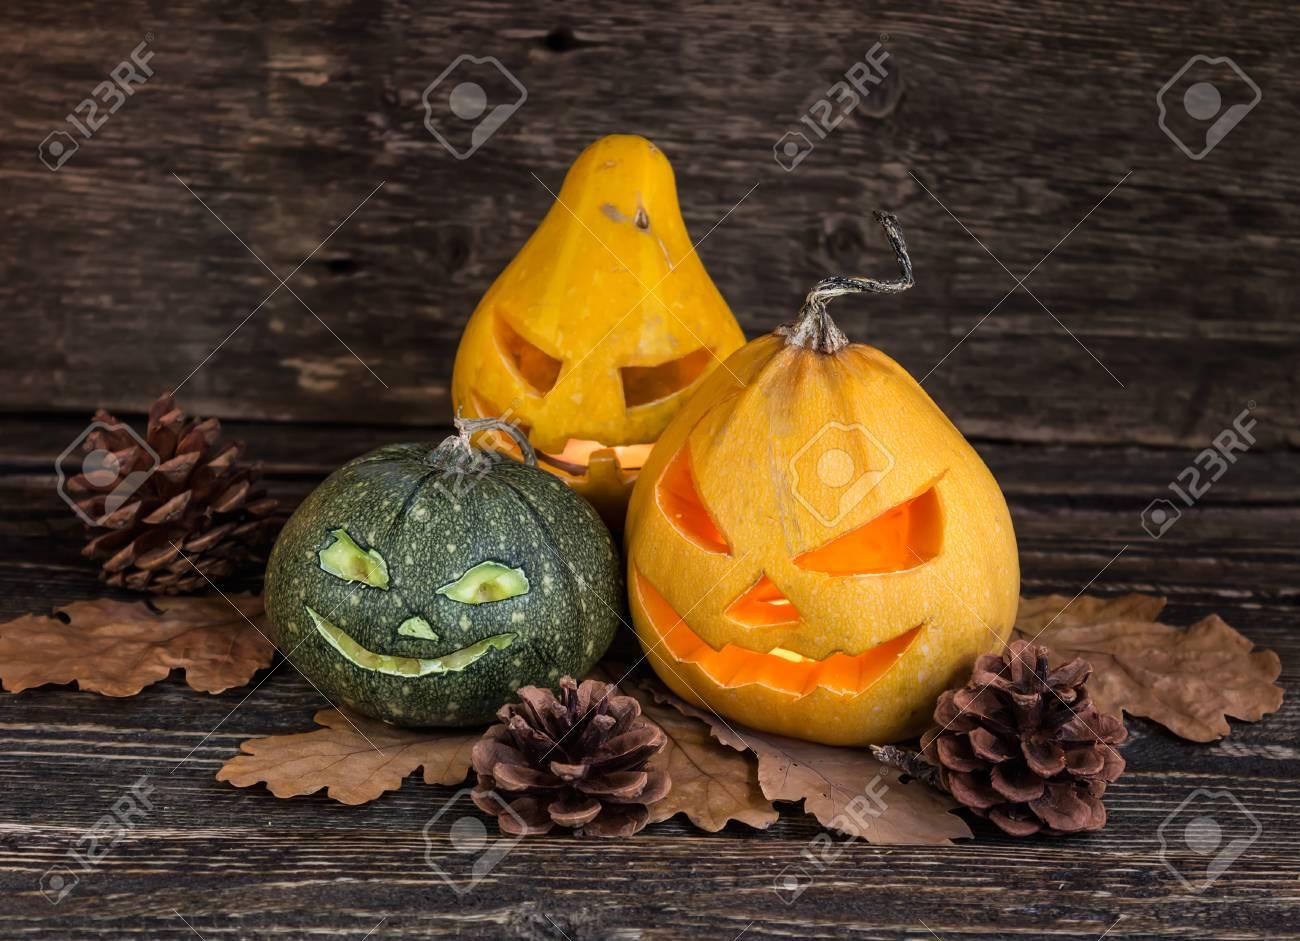 Halloween Kurbis Laterne Dekoration Postkarte Lizenzfreie Fotos Bilder Und Stock Fotografie Image 65304720